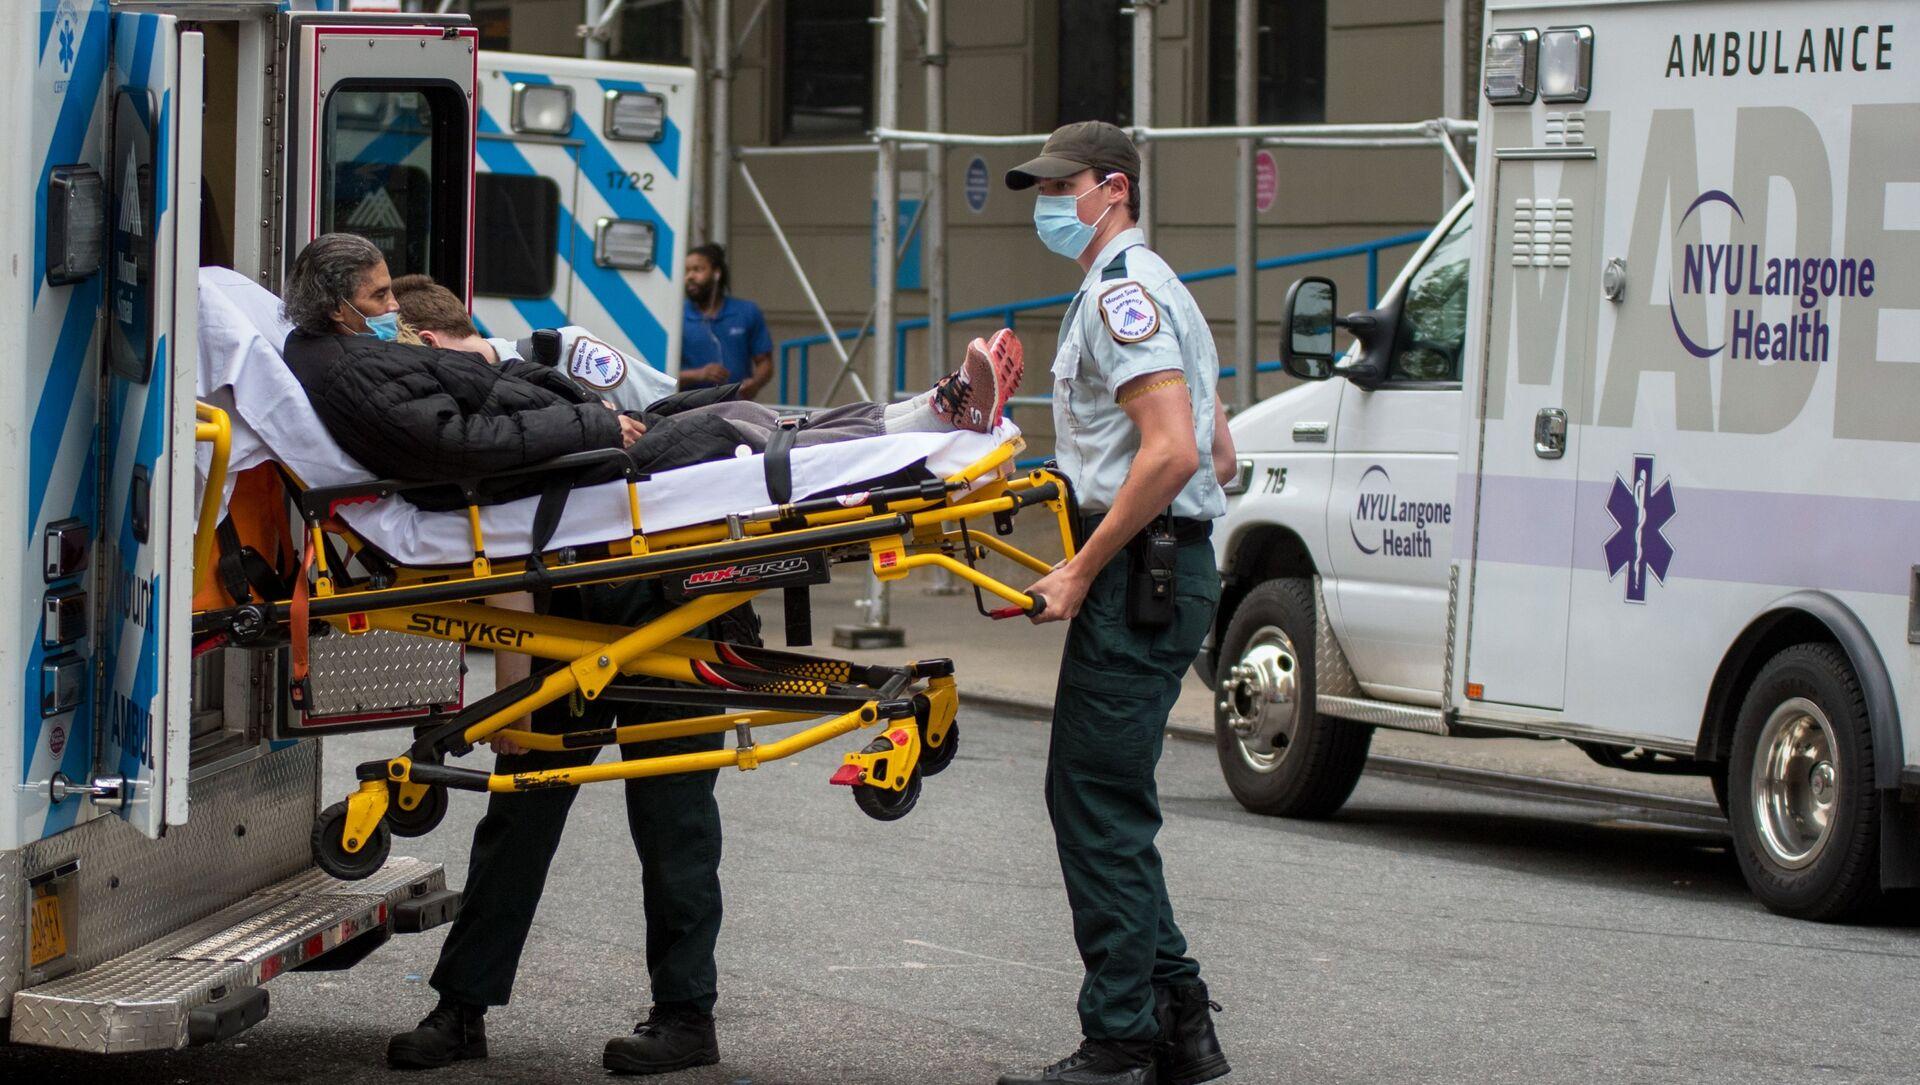 Các nhân viên y tế đã đưa người phụ nữ đến bệnh viện Manhattan ở New York. - Sputnik Việt Nam, 1920, 24.08.2021